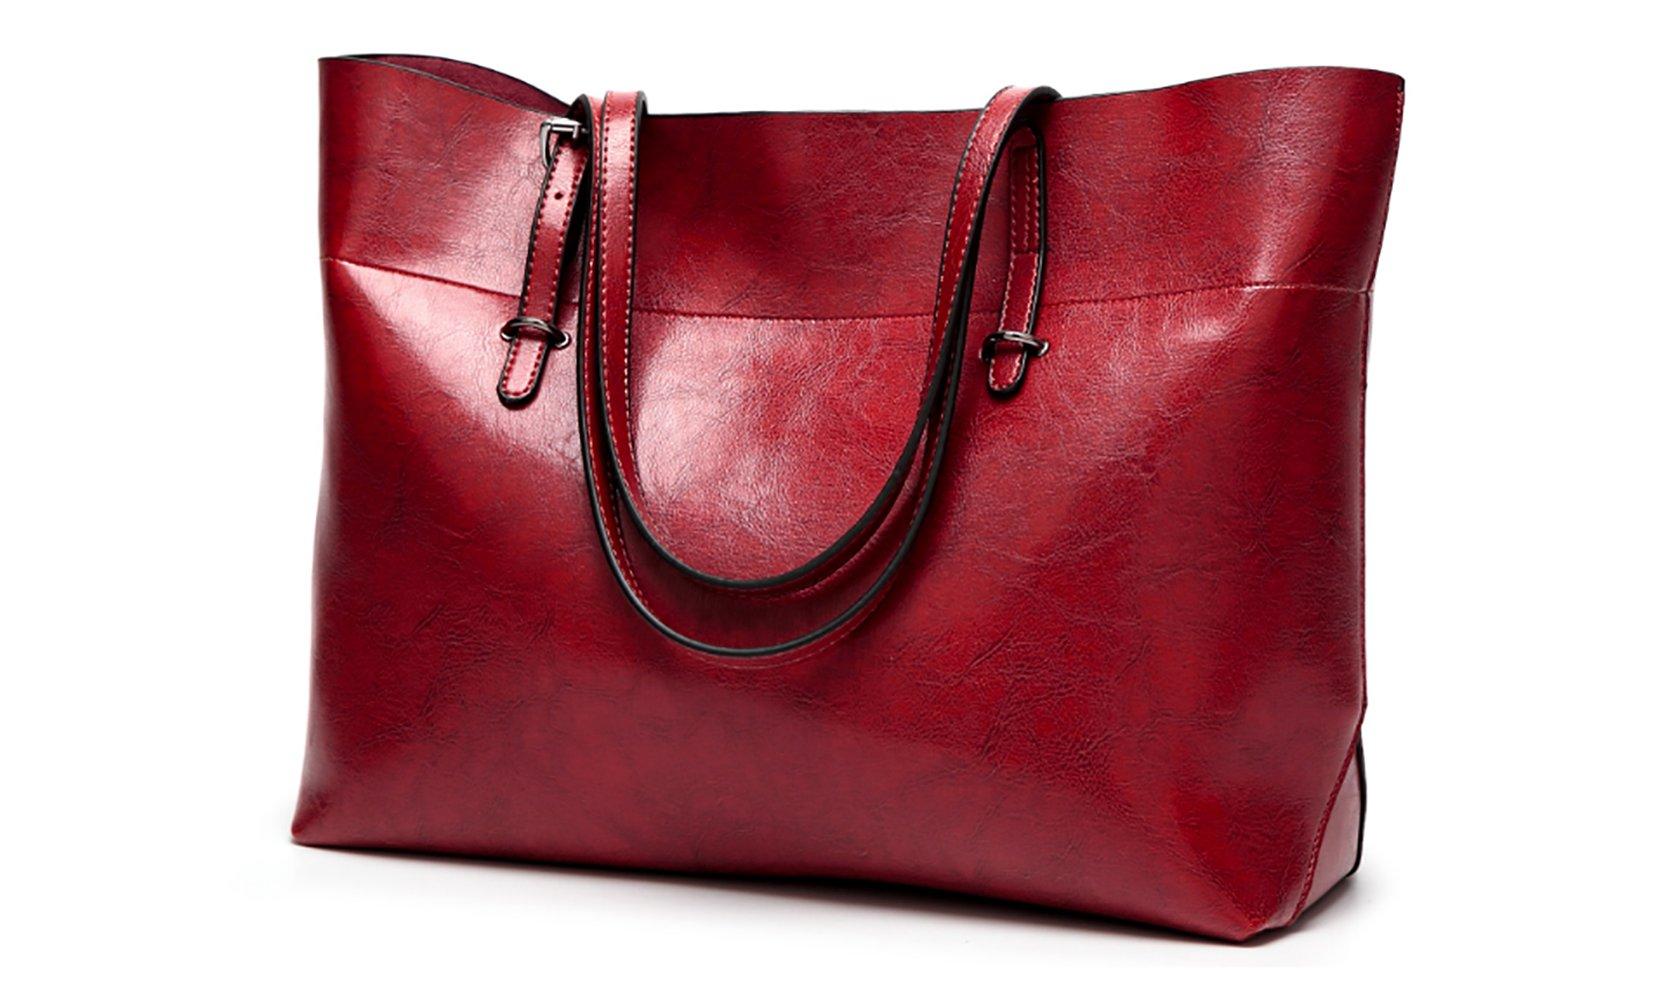 Women's Vintage Fine Fibre Genuine Leather Bag Tote Shoulder Bag Handbag Model Sie Red Wine